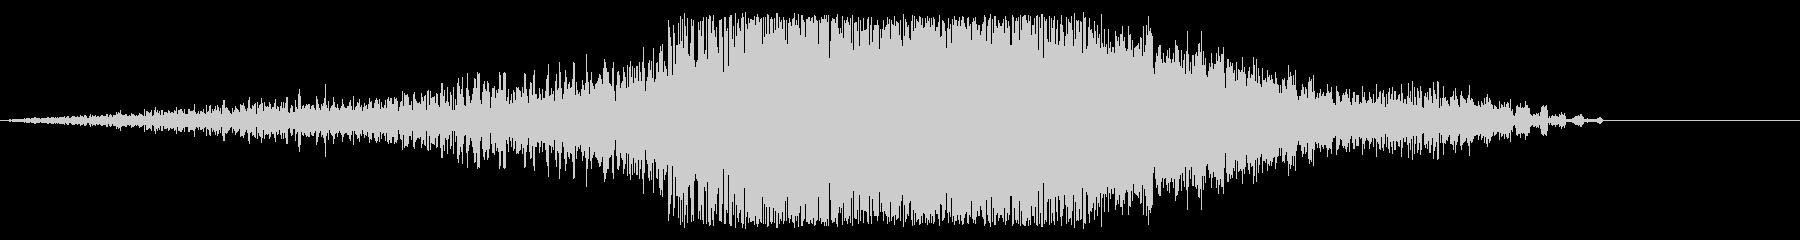 ヘビーエレクトロスペースシンセミュ...の未再生の波形